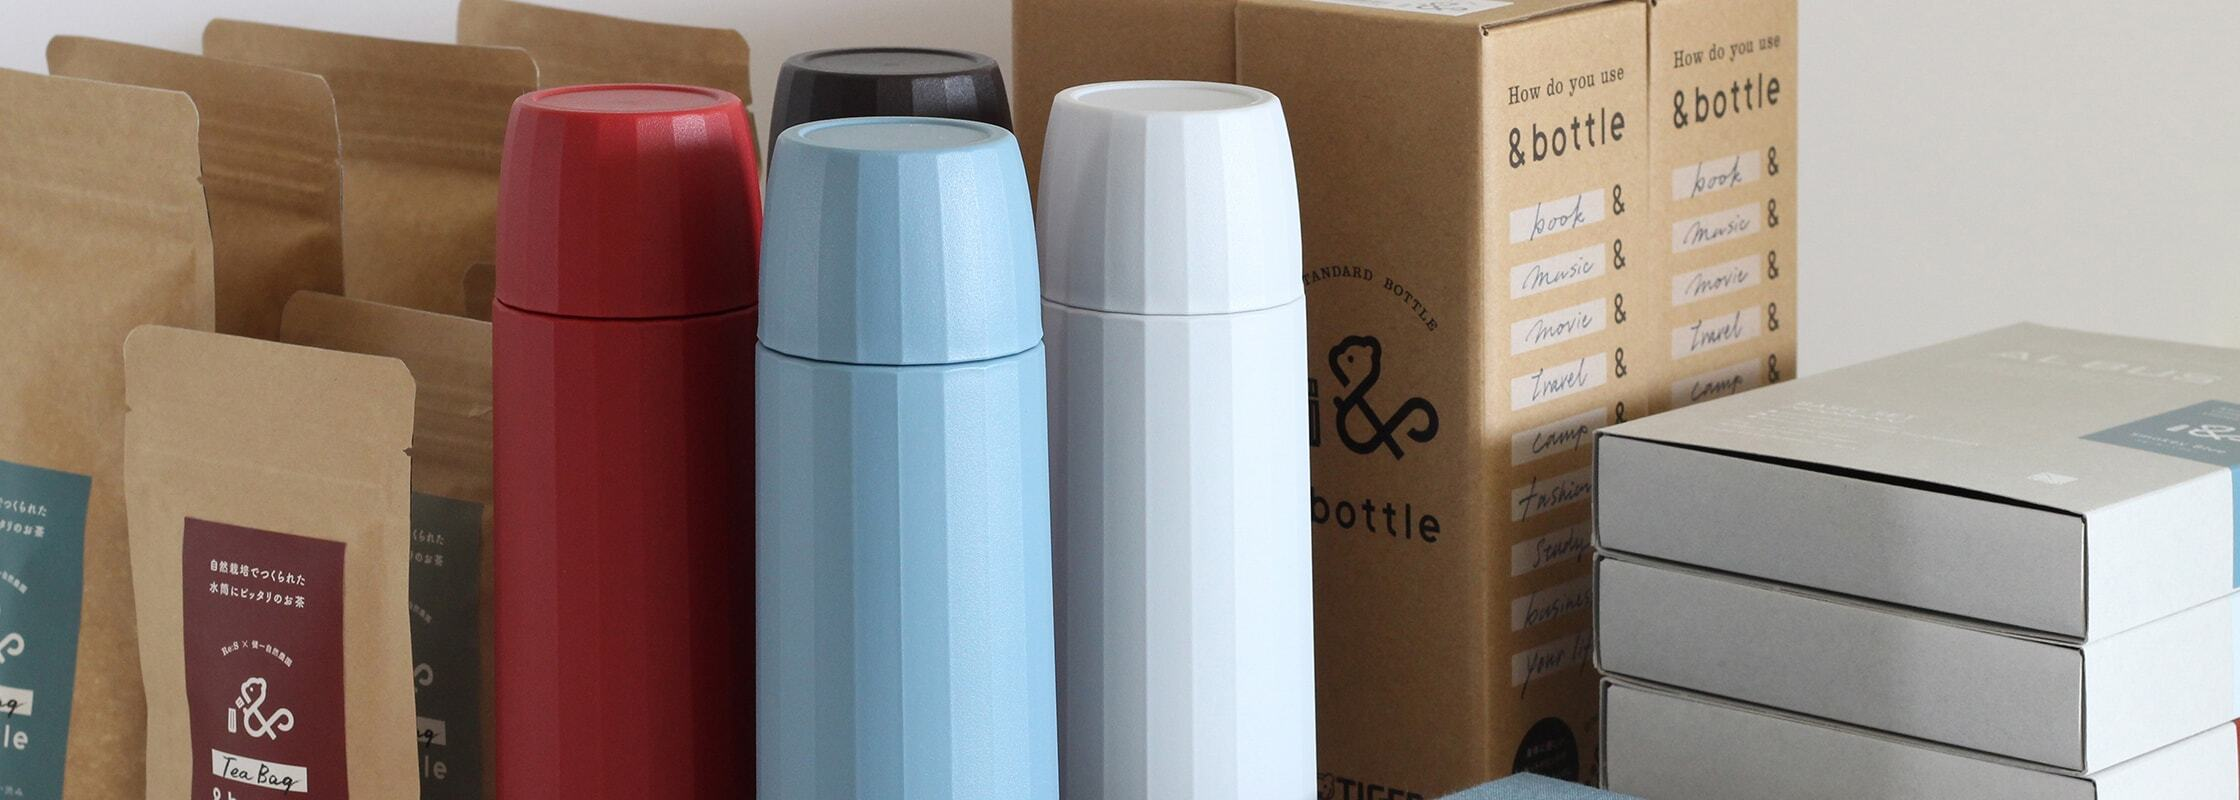 タイガー魔法瓶「&bottle(アンドボトル)」、御朱印帳「ALBUS(アルバス)」などのRe:Sプロデュース商品がずらり勢揃い!